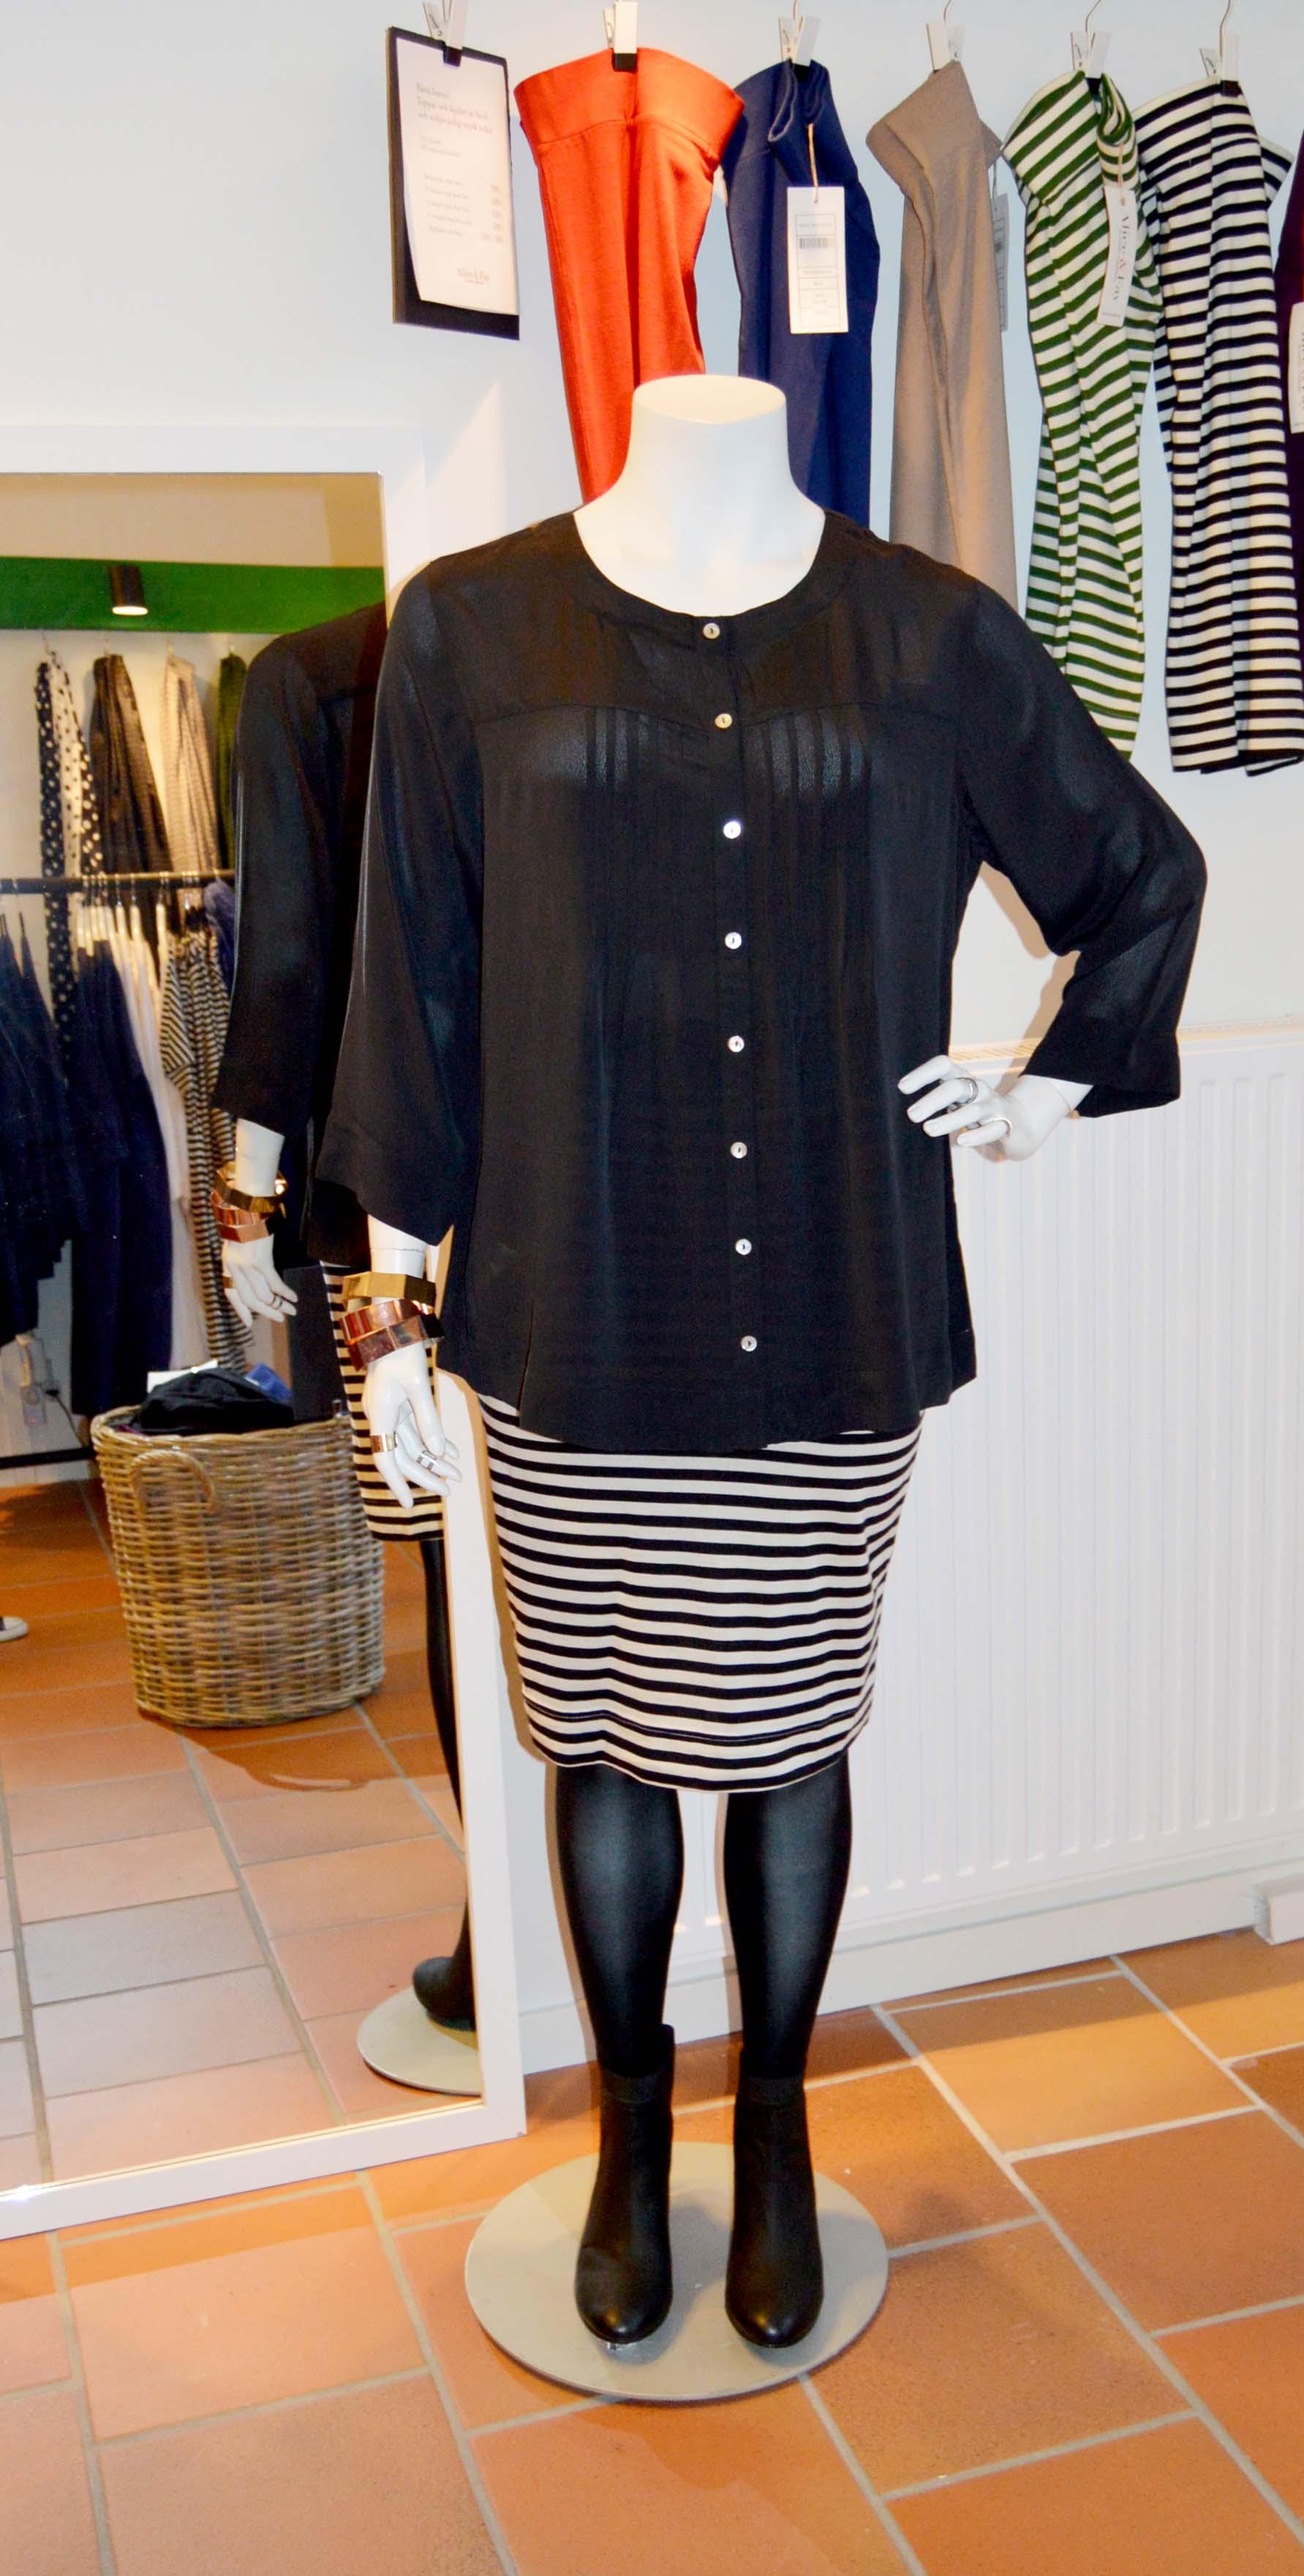 Ella blus och Paris kjol är perfekta till nyårsfesten! NU 476:- resp. 279:-